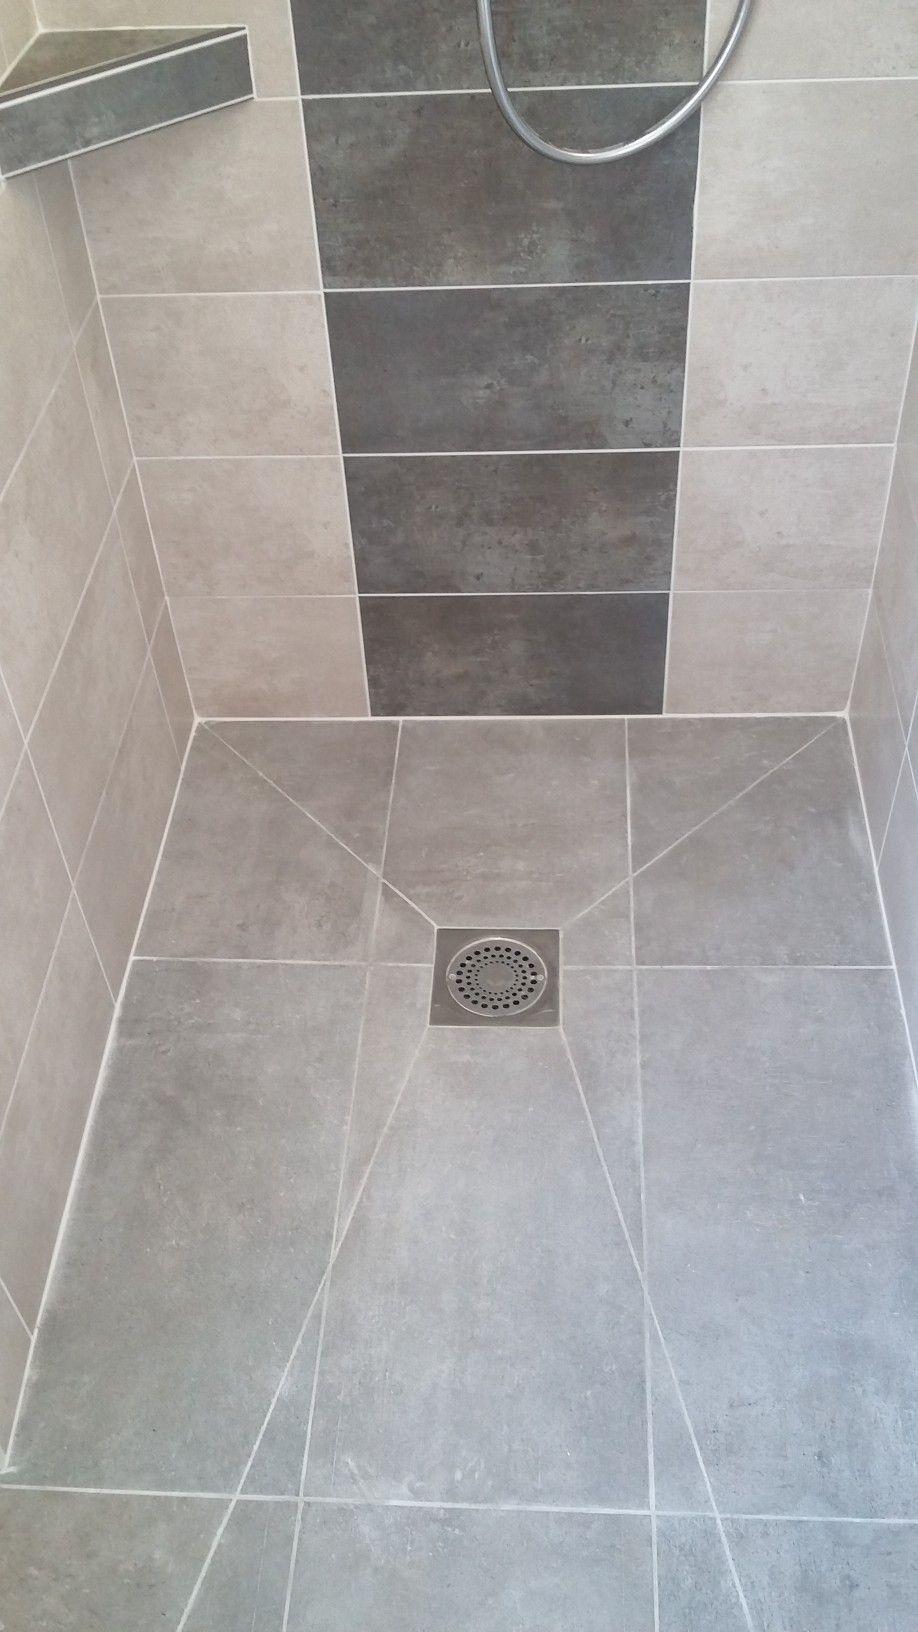 Roll In Shower Floor Idee Salle De Bain Deco Salle De Bain Toilette Plan Salle De Bain